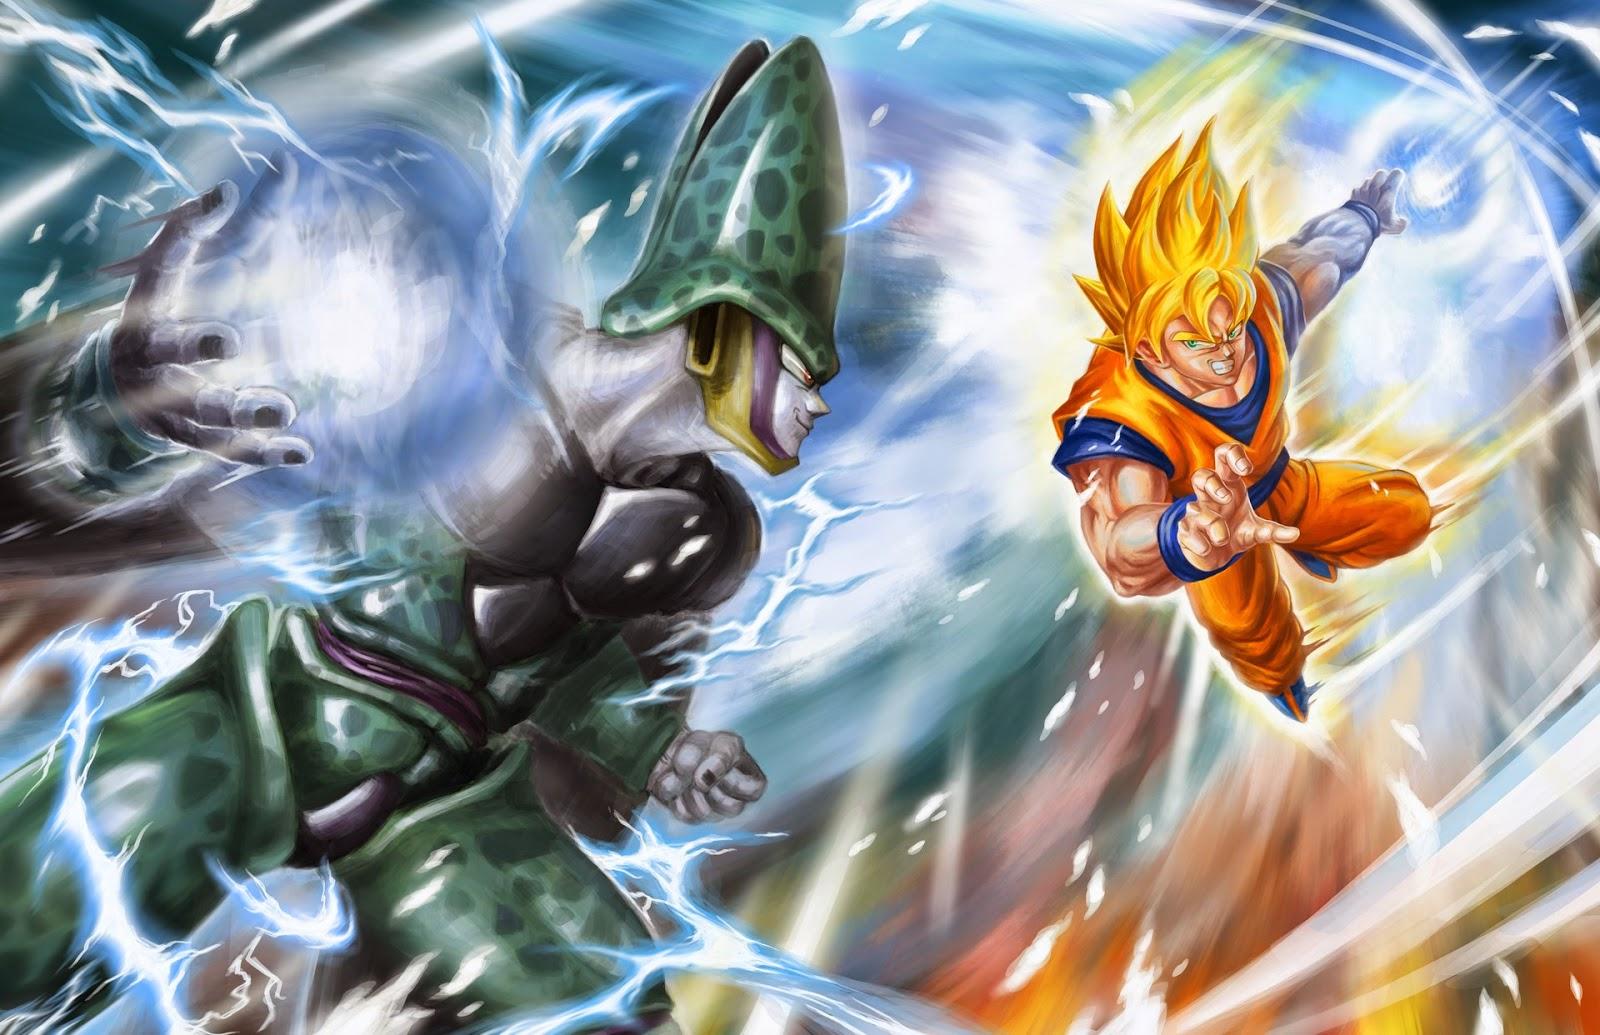 Super Saiyan God HD Wallpaper - WallpaperSafari